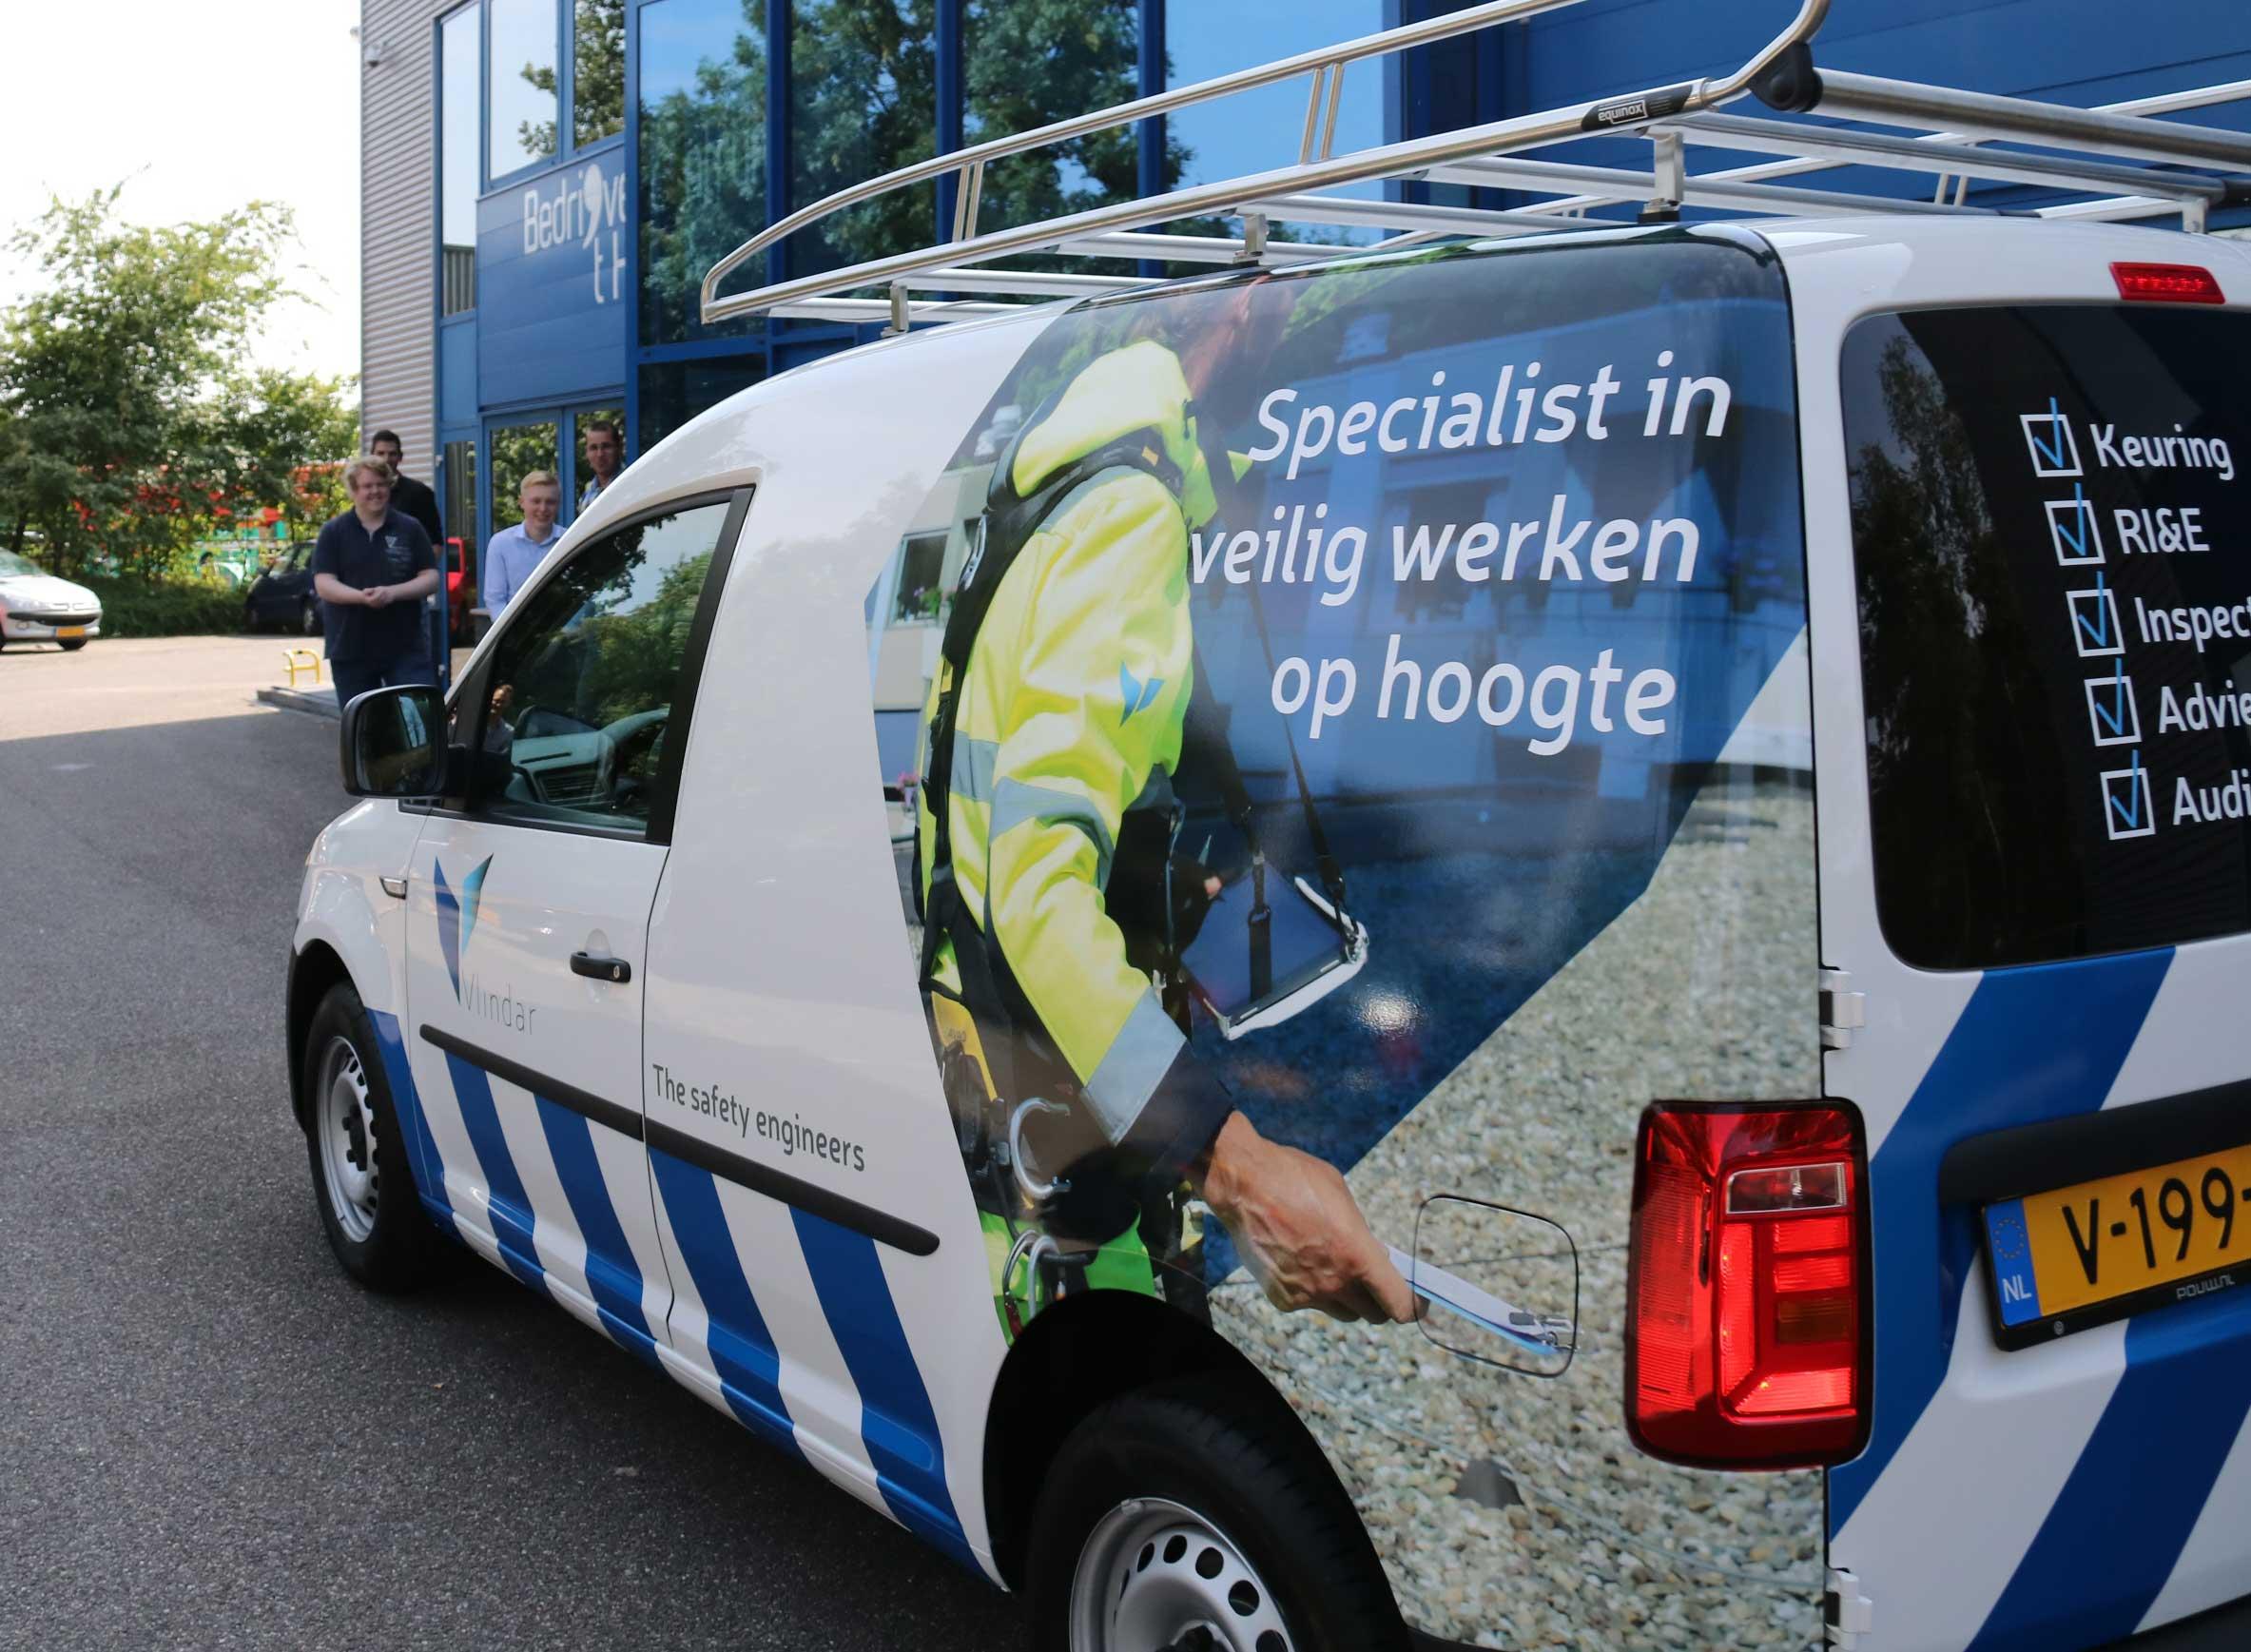 Inspectie-Veilig-werken-op-hoogte-Vlindar-nieuwe-bus-veilig-werken-op-hoogte-veiligheidsinspectie